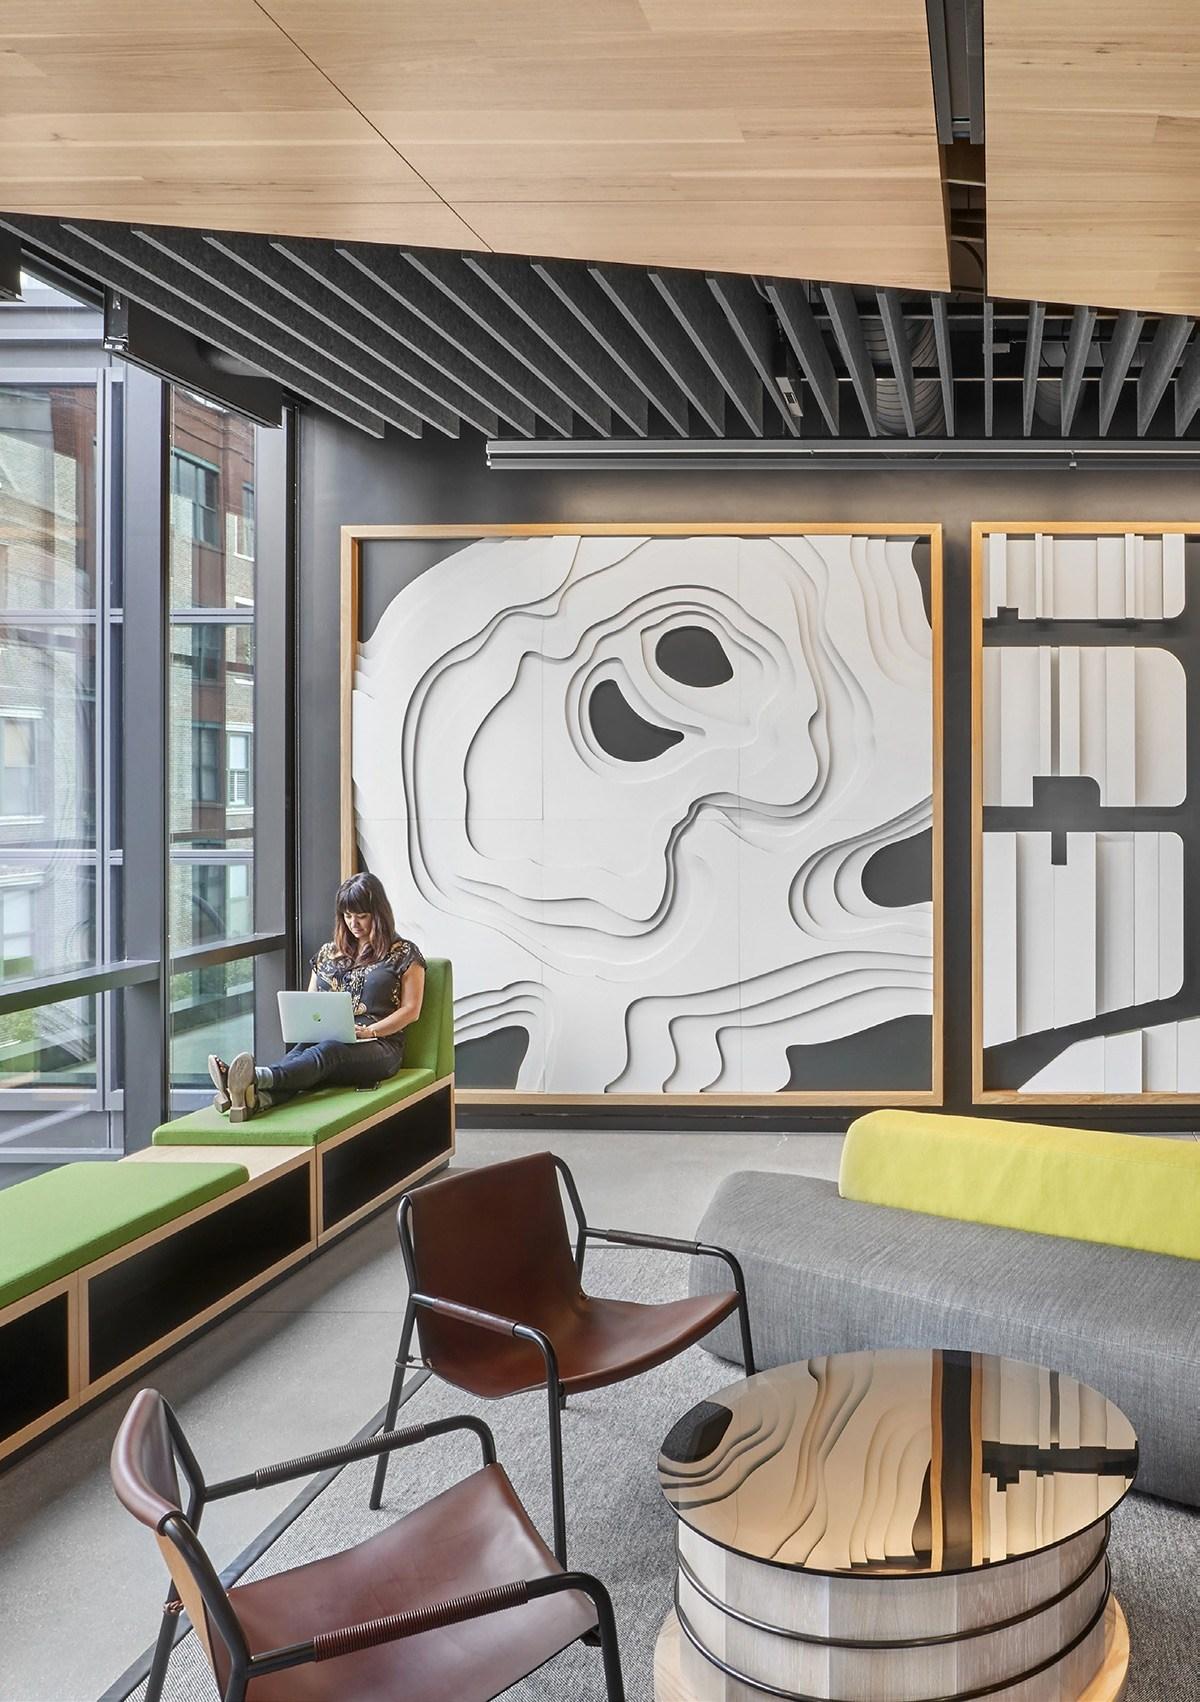 Lounge zóna z udržitelných materiálů